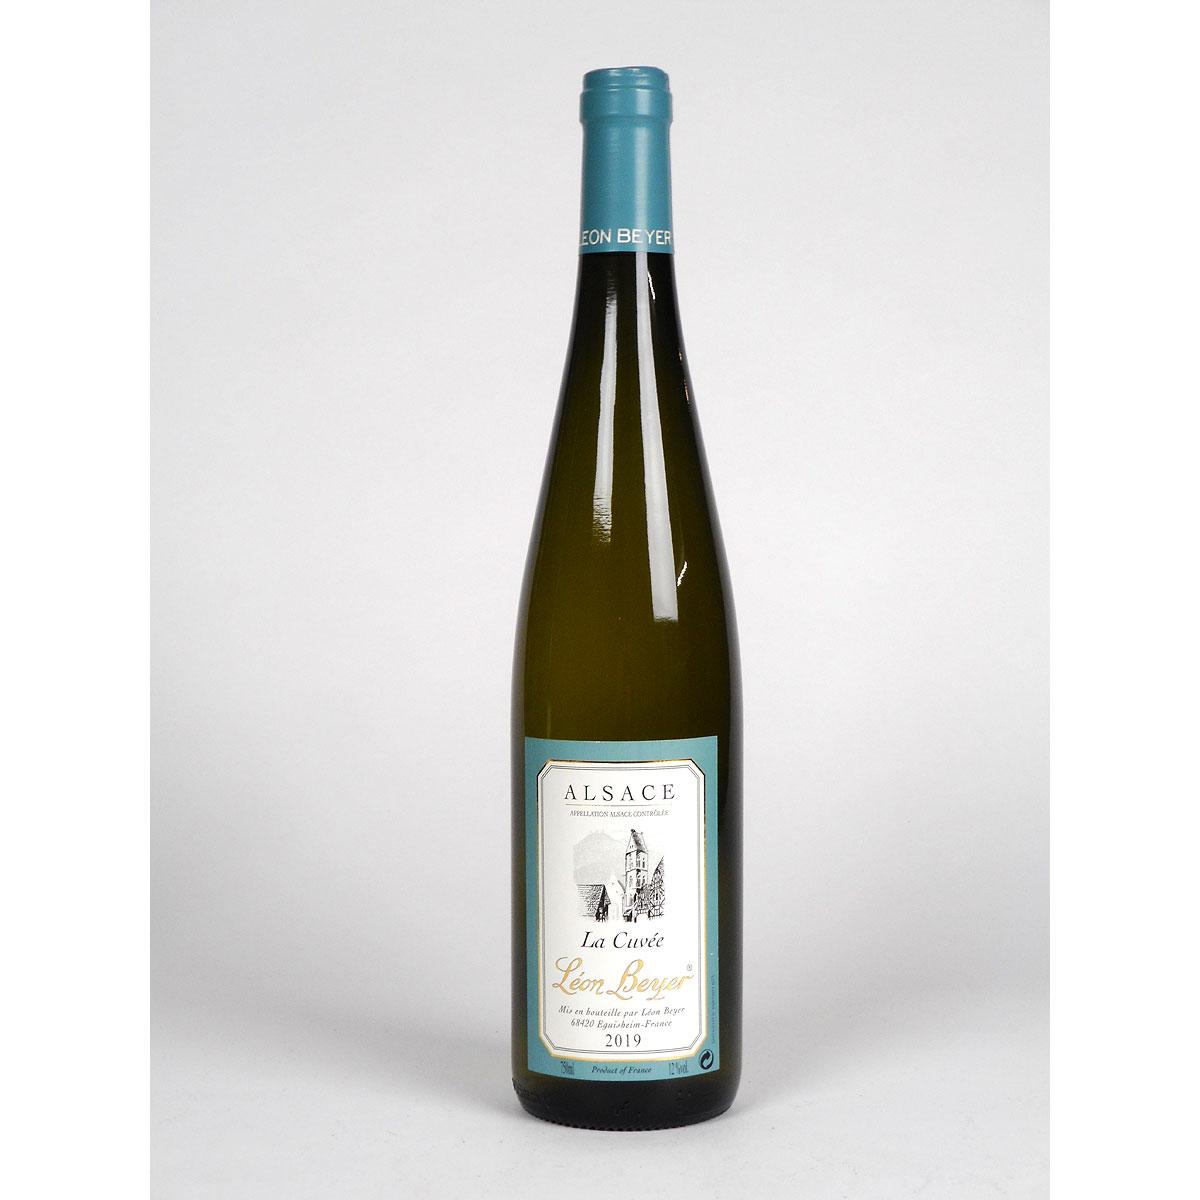 Alsace: Léon Beyer 'La Cuvée' 2019 - Bottle